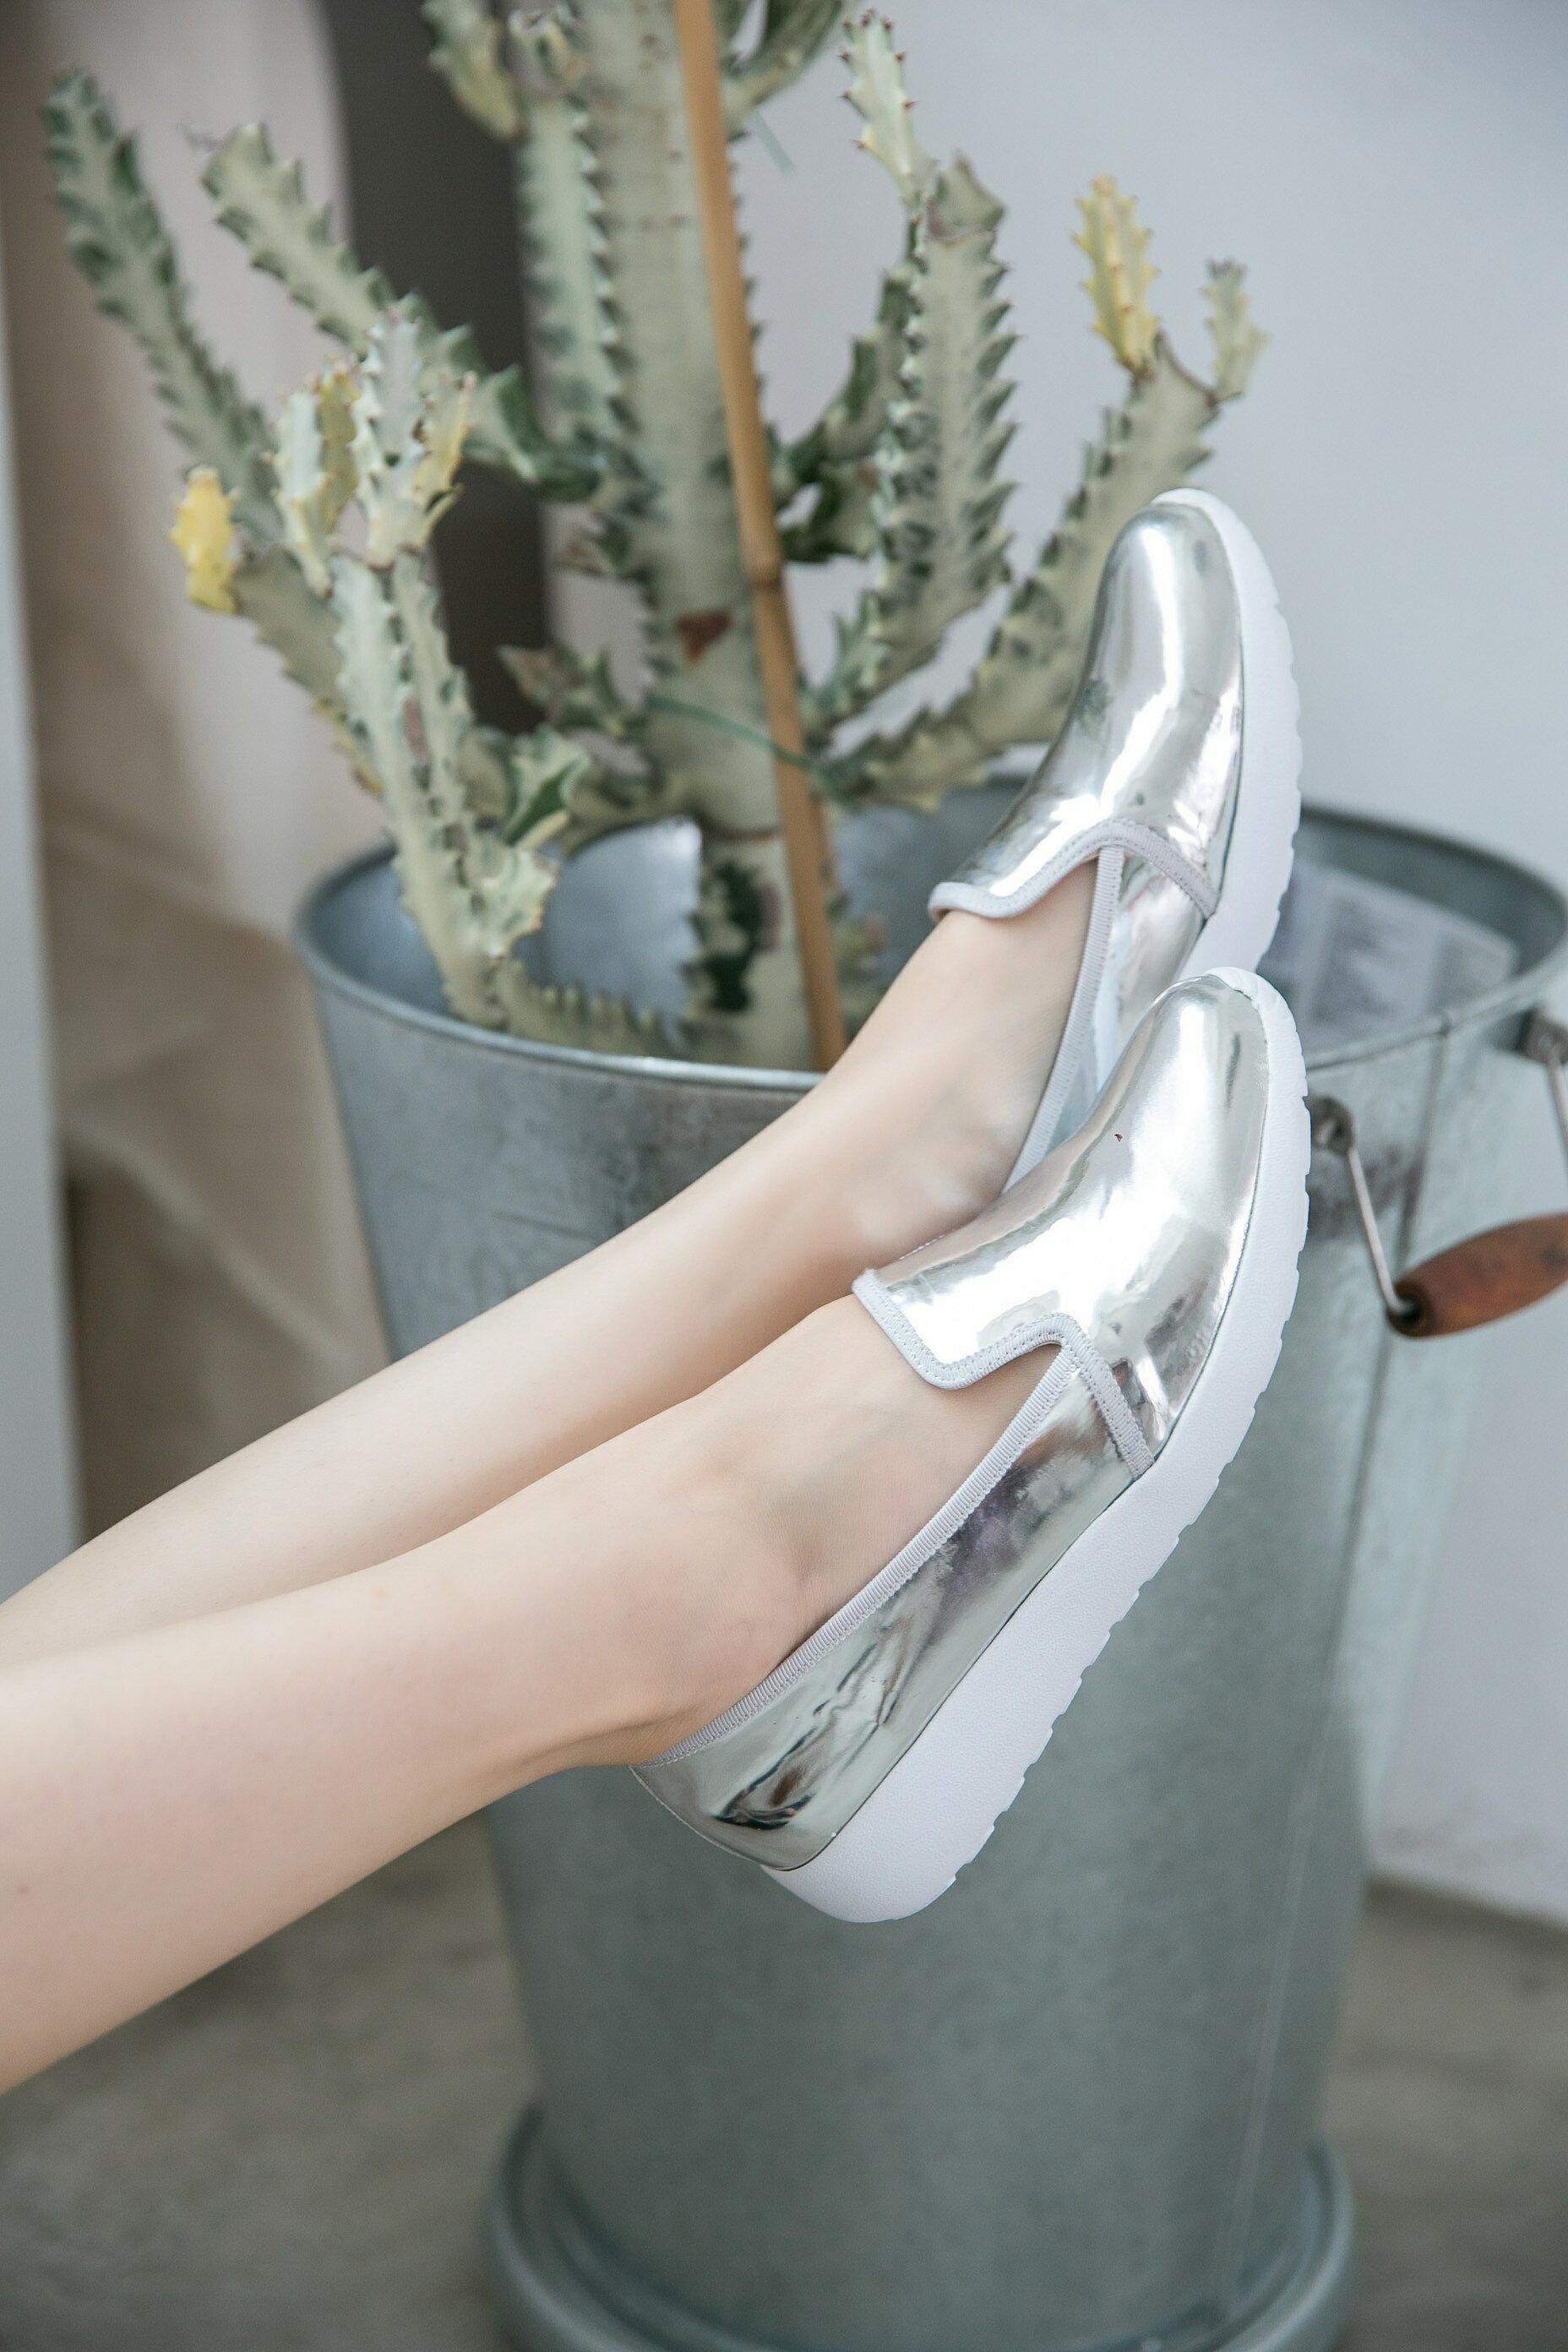 Aimez La Vie 羽量氣墊鞋|韓系時尚金屬光澤輕便樂福懶人鞋 3